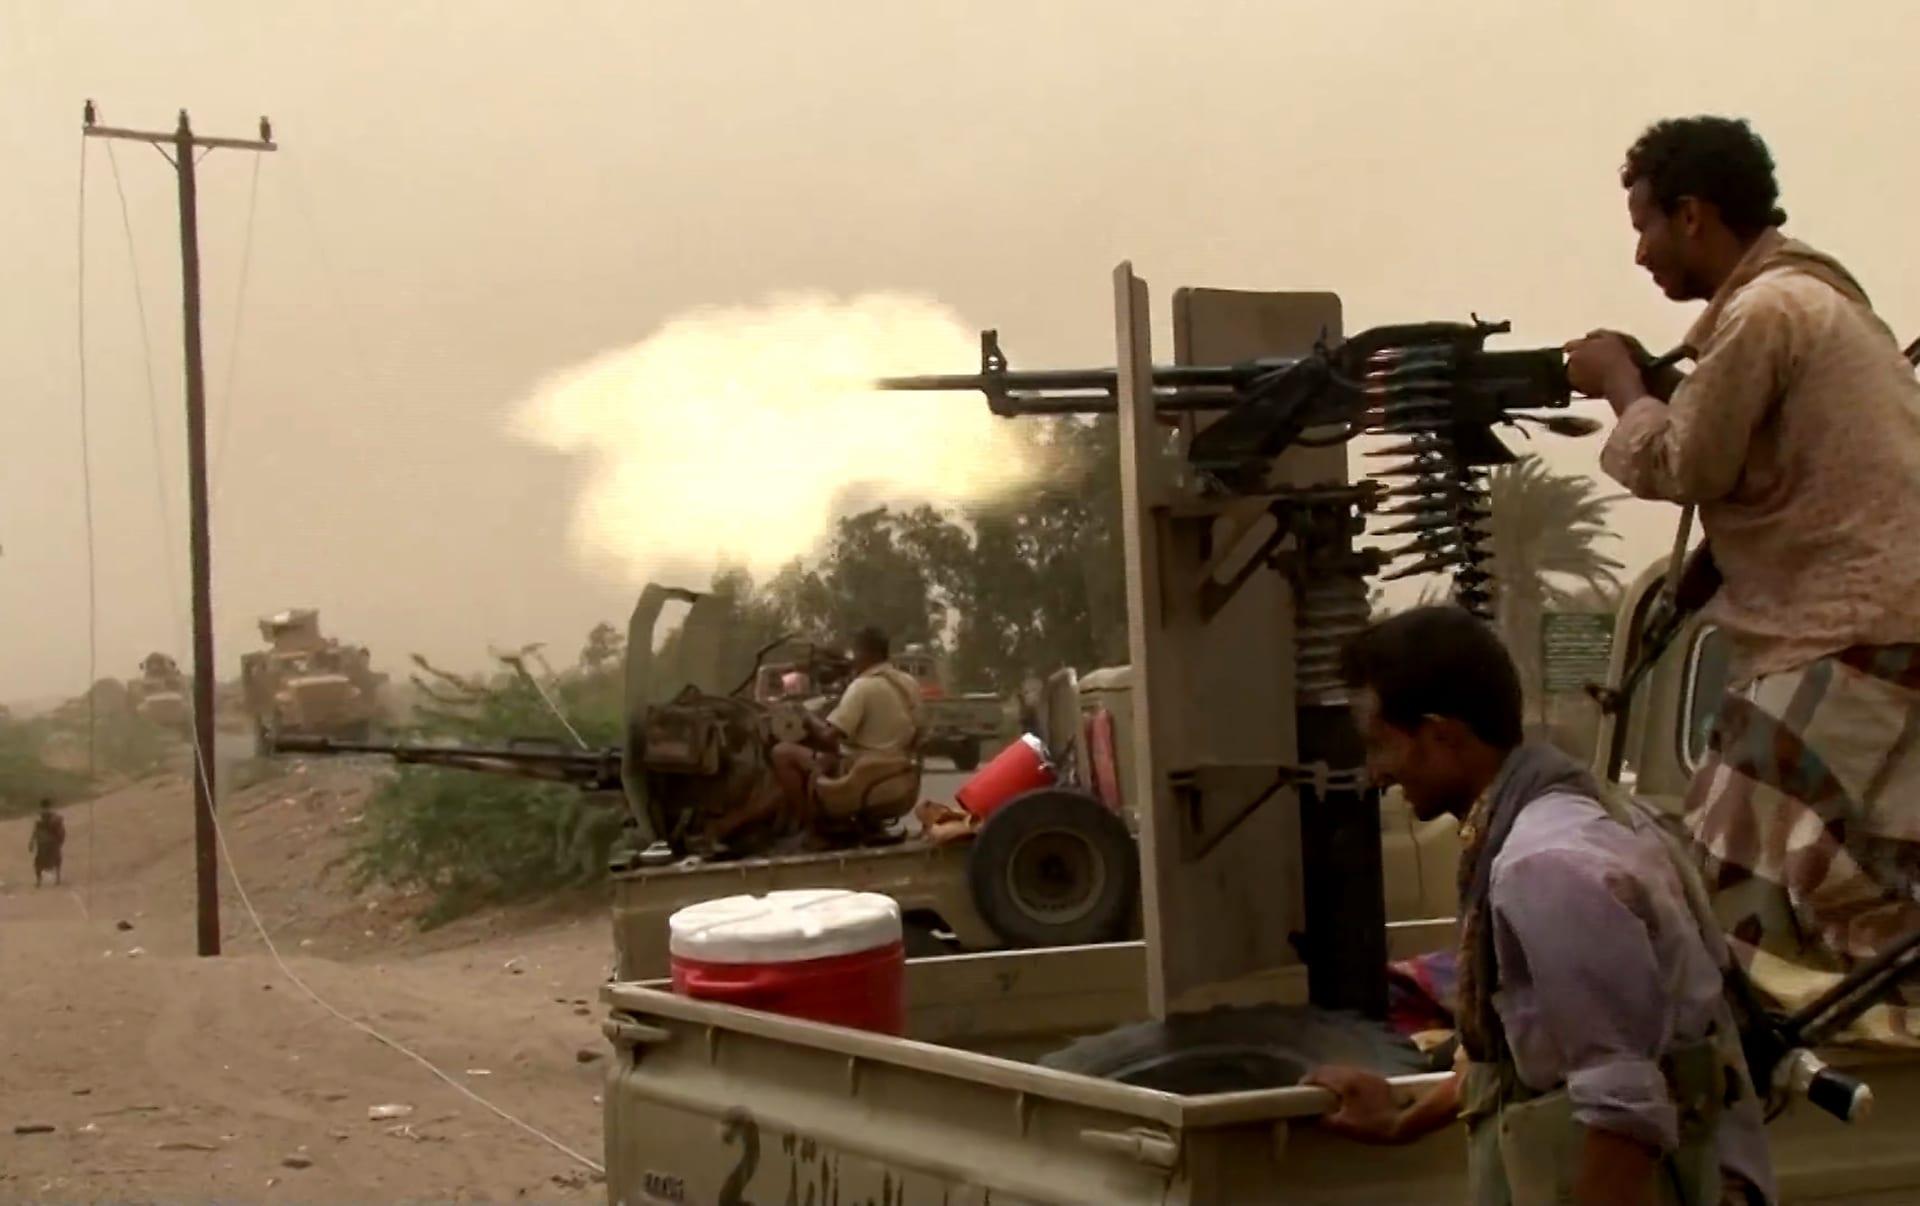 التحالف العربي: مقتل 8 عناصر من حزب الله في اليمن